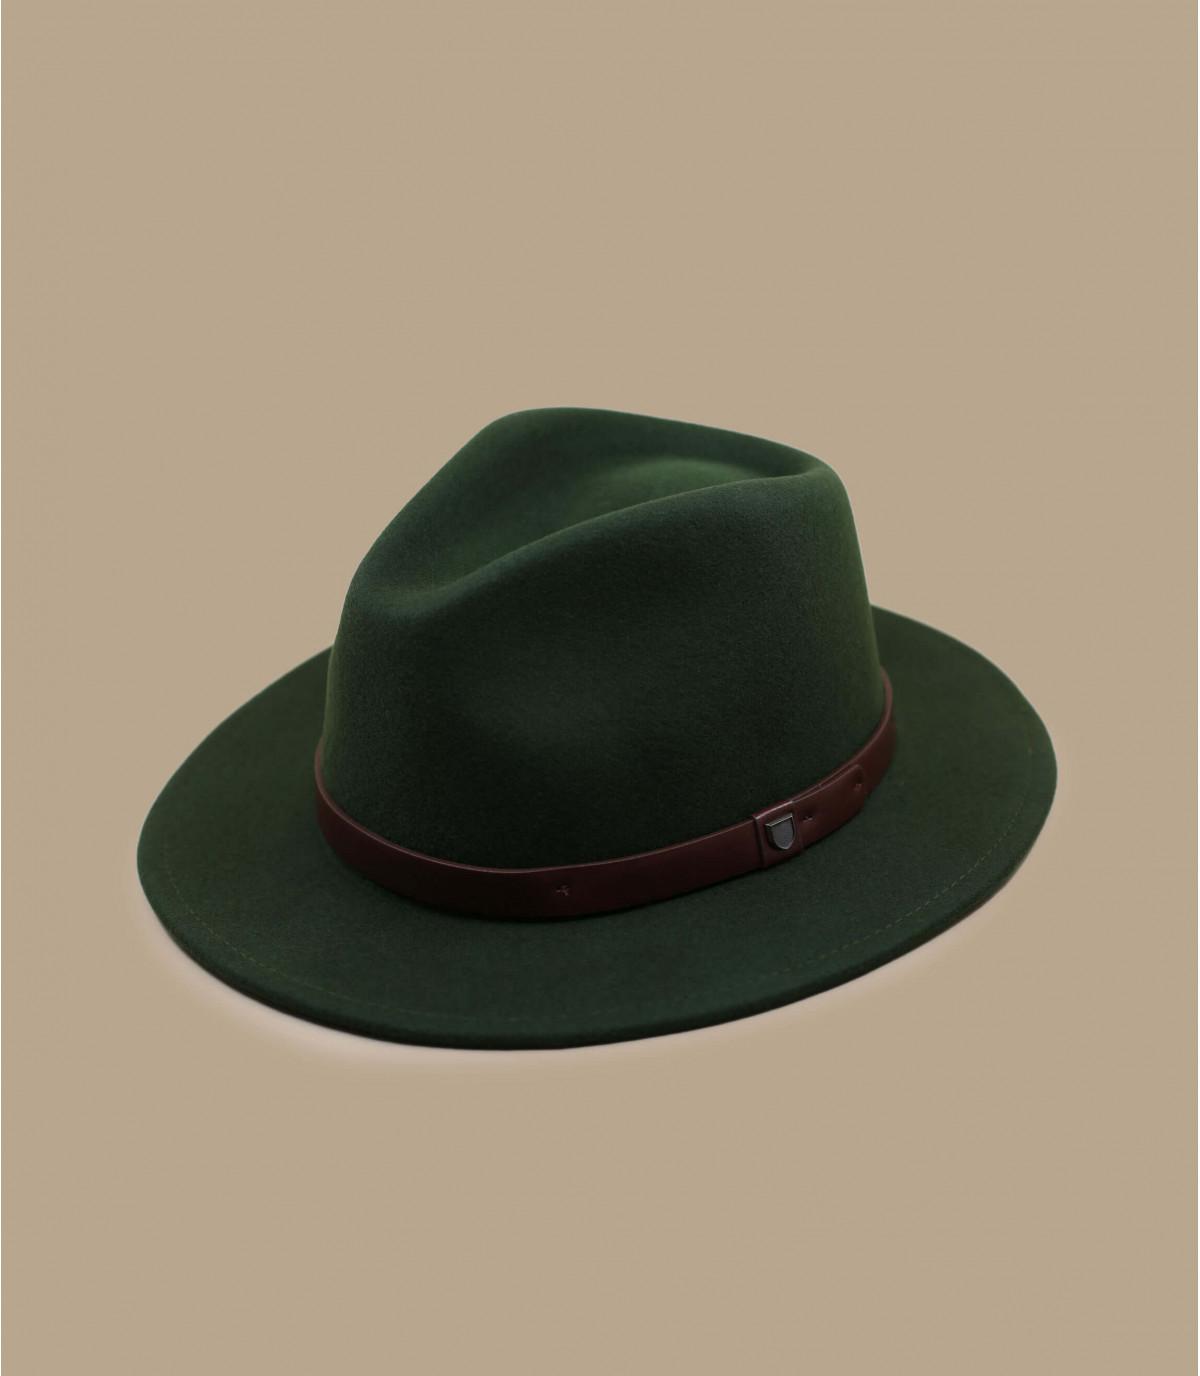 Fedora Filzhut grün Lederband vert bande cuir